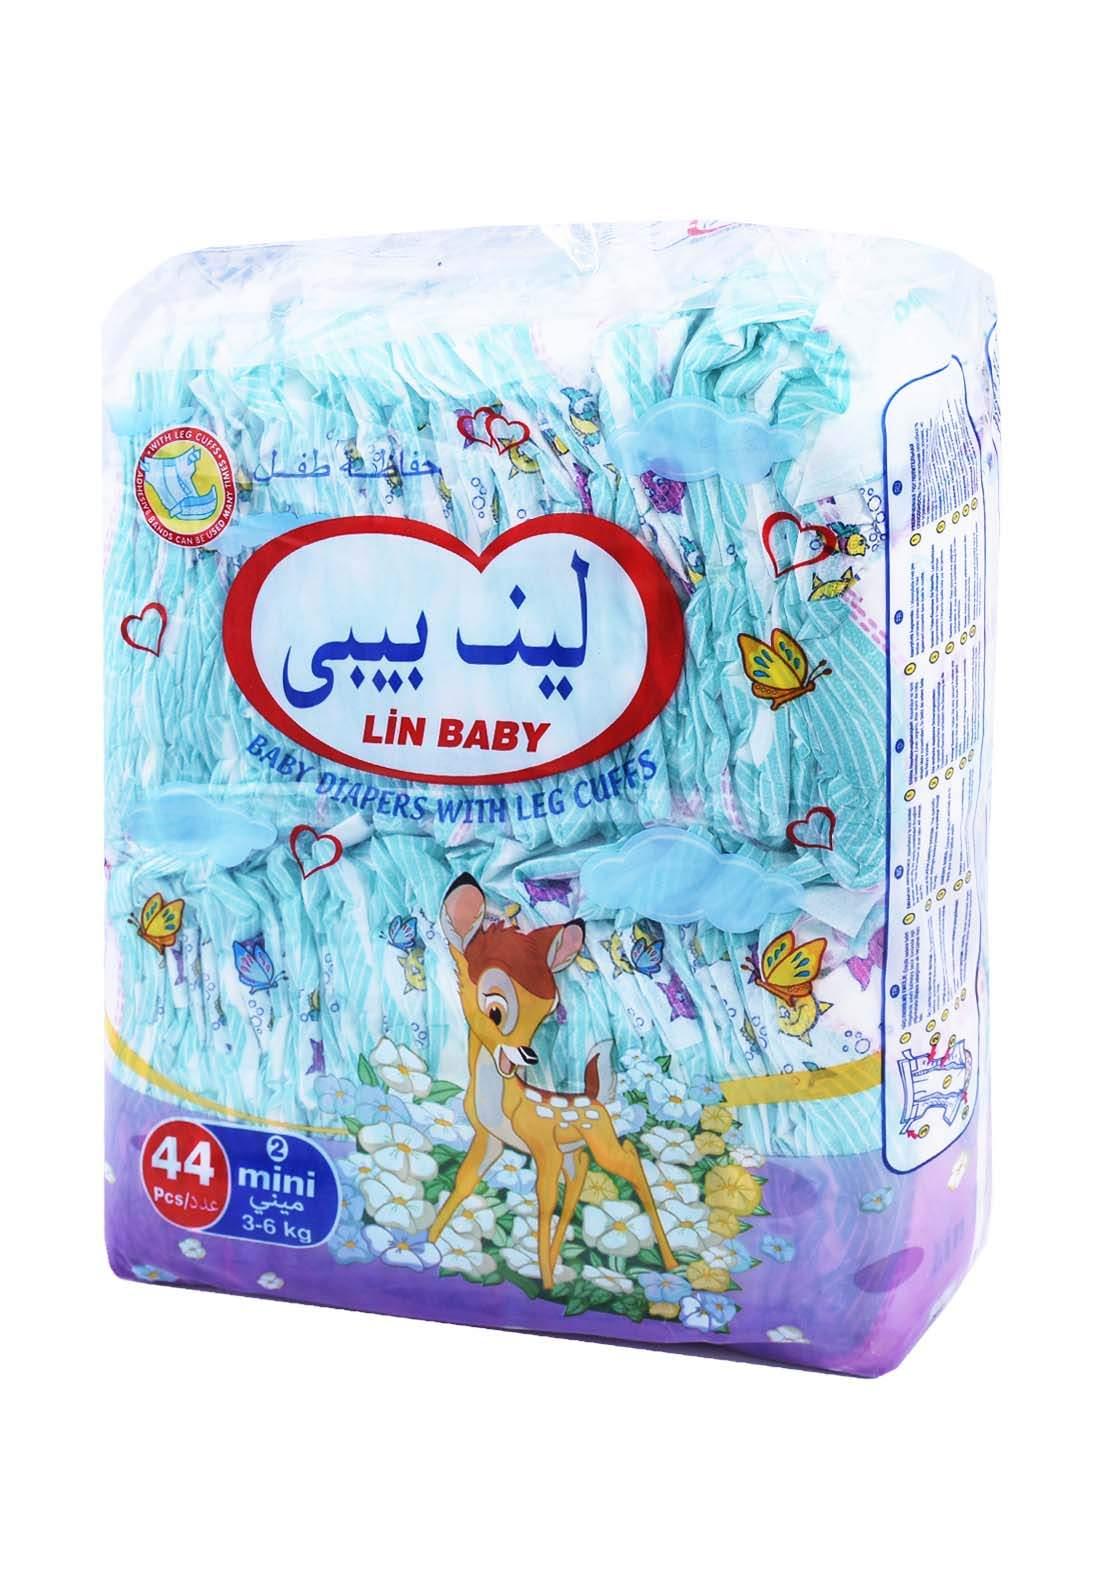 Lin Baby 3-6 kg 44 Pcs حفاضات لين  للاطفال رقم 2 عادي